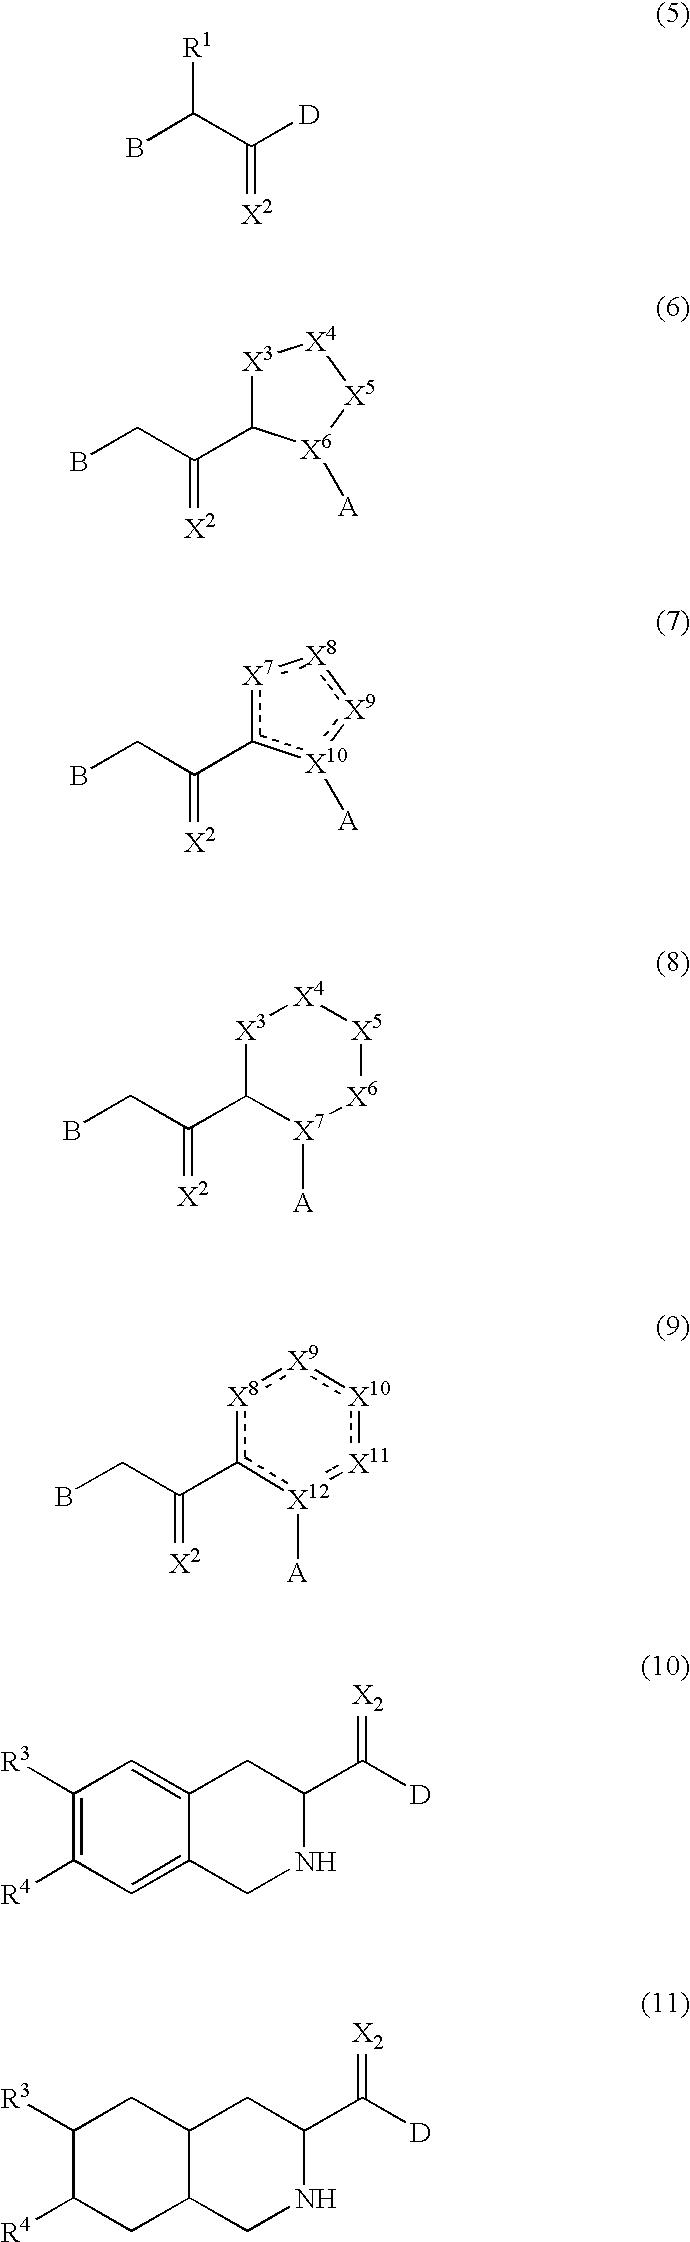 Figure US20040058876A1-20040325-C00014